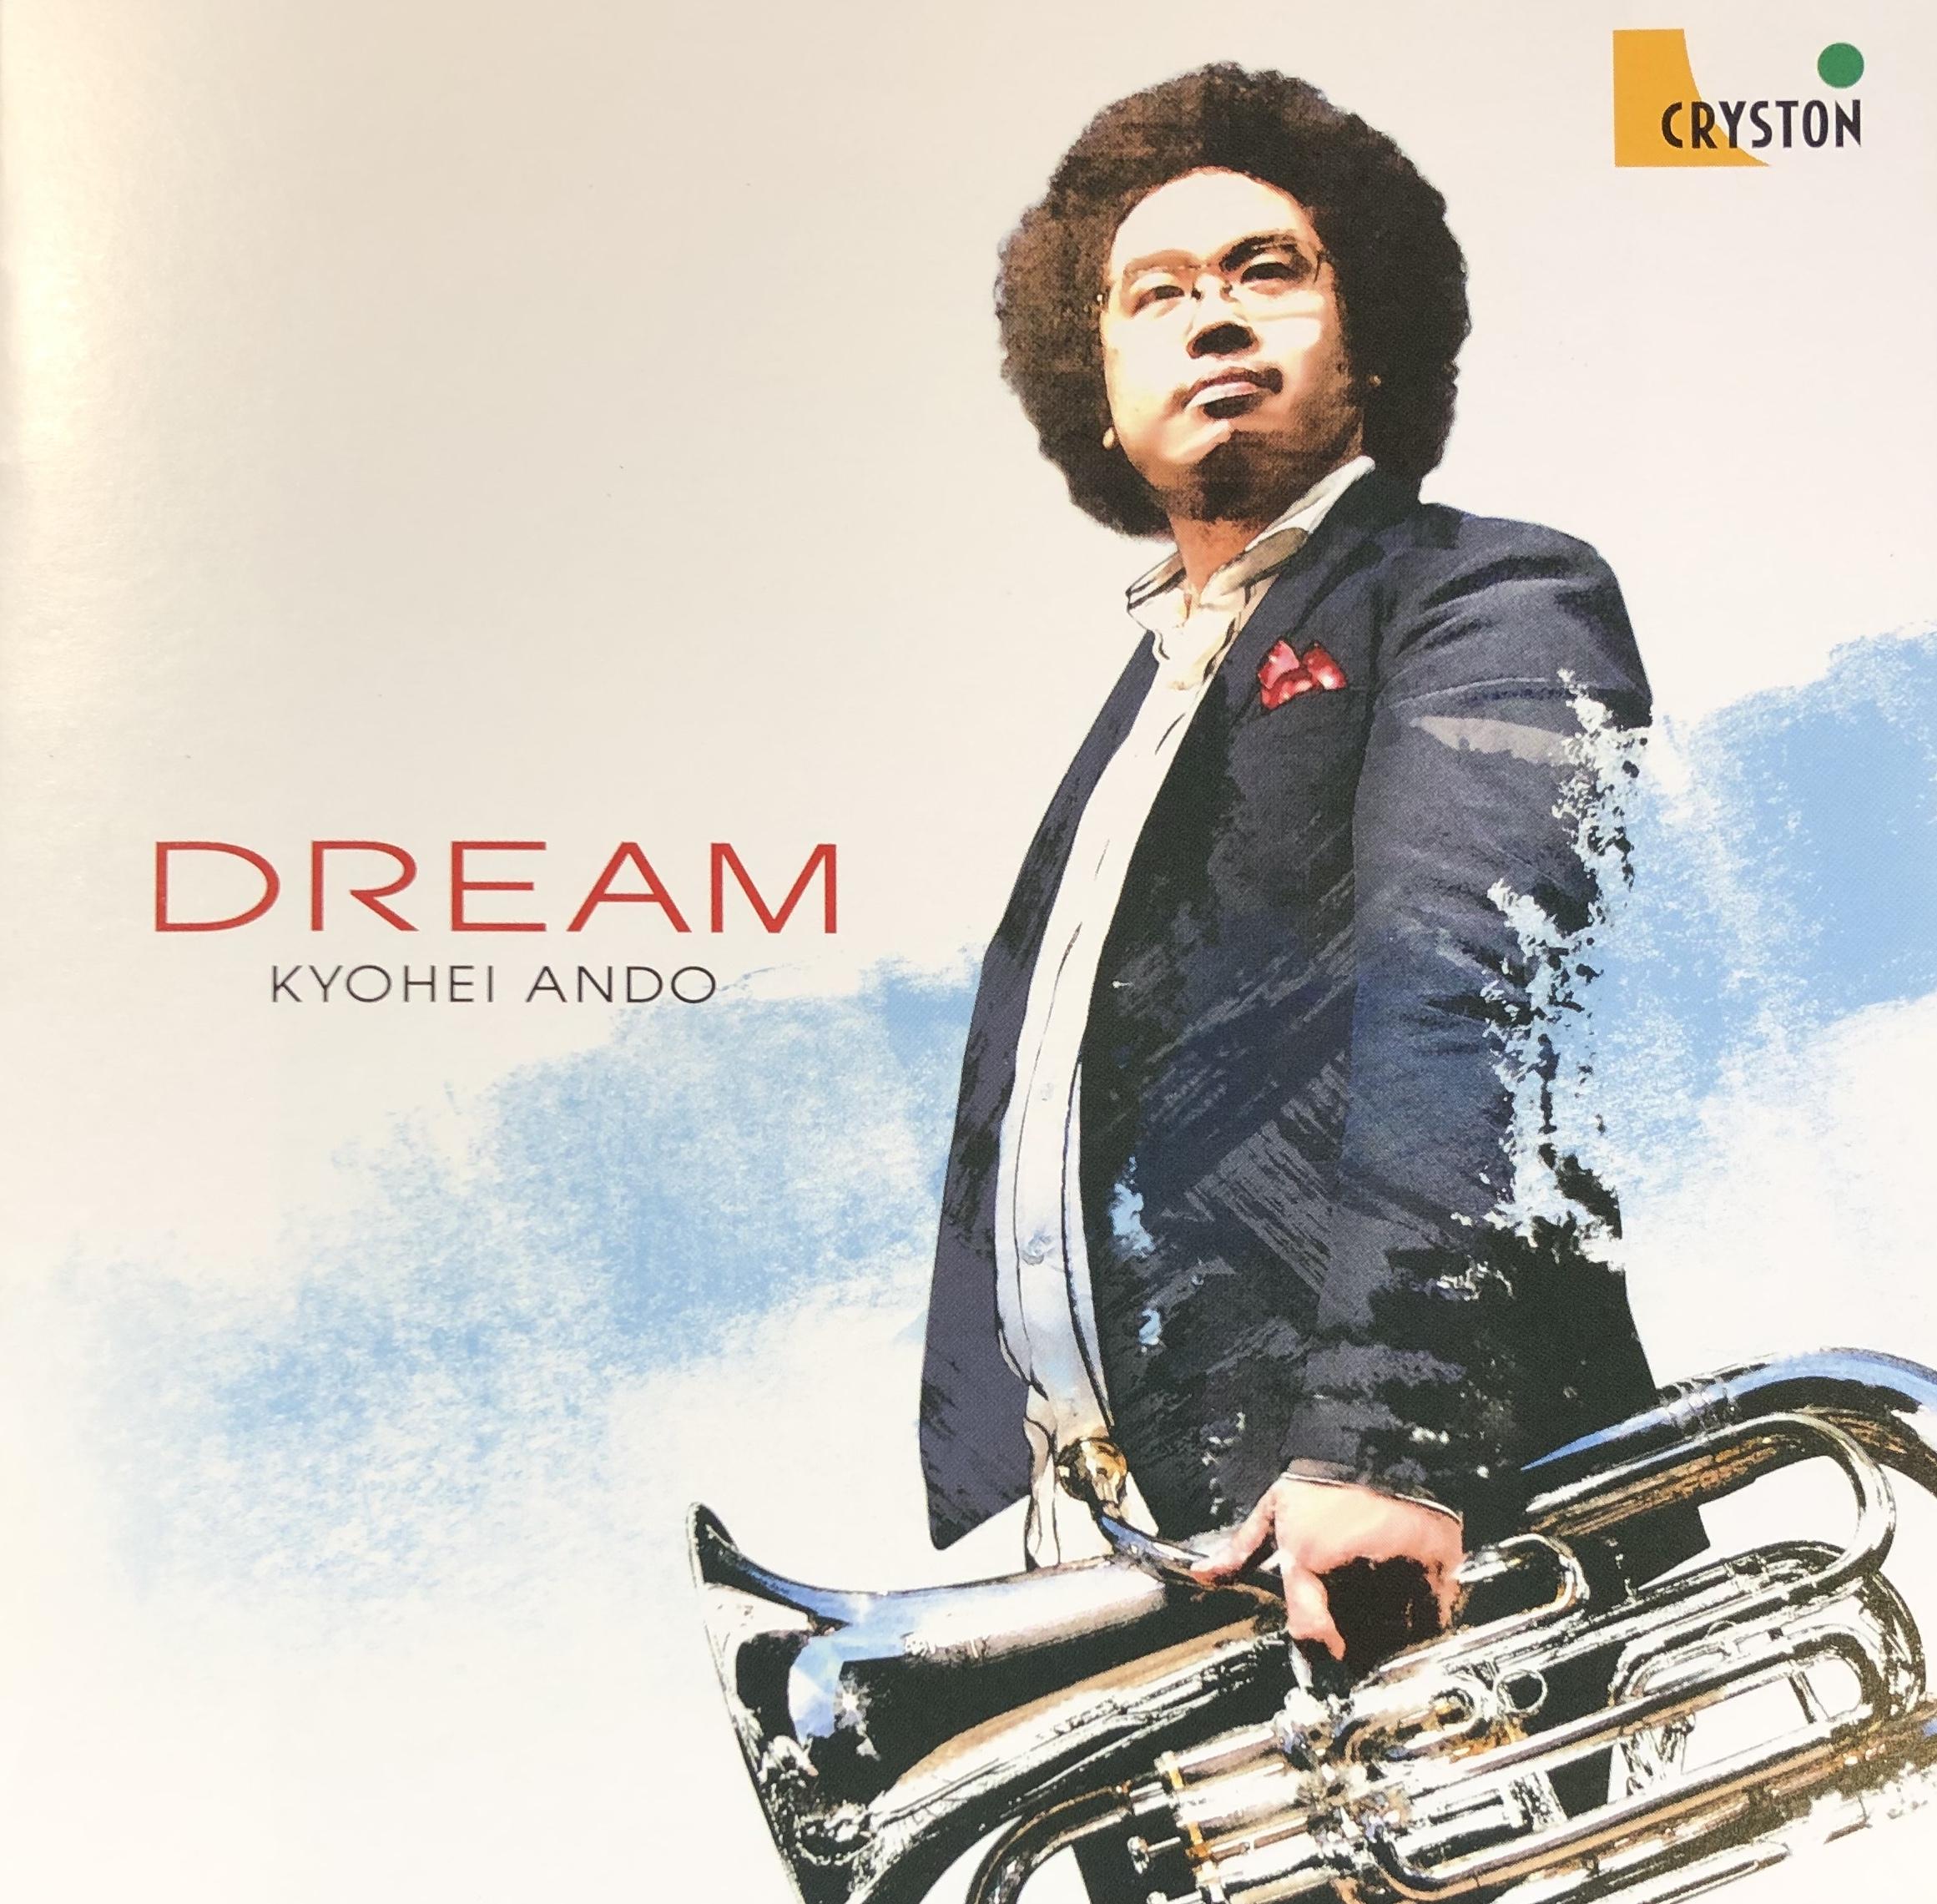 CD - Dream - Kyohei Ando (euph) and Hatsumi Shimizu (piano)